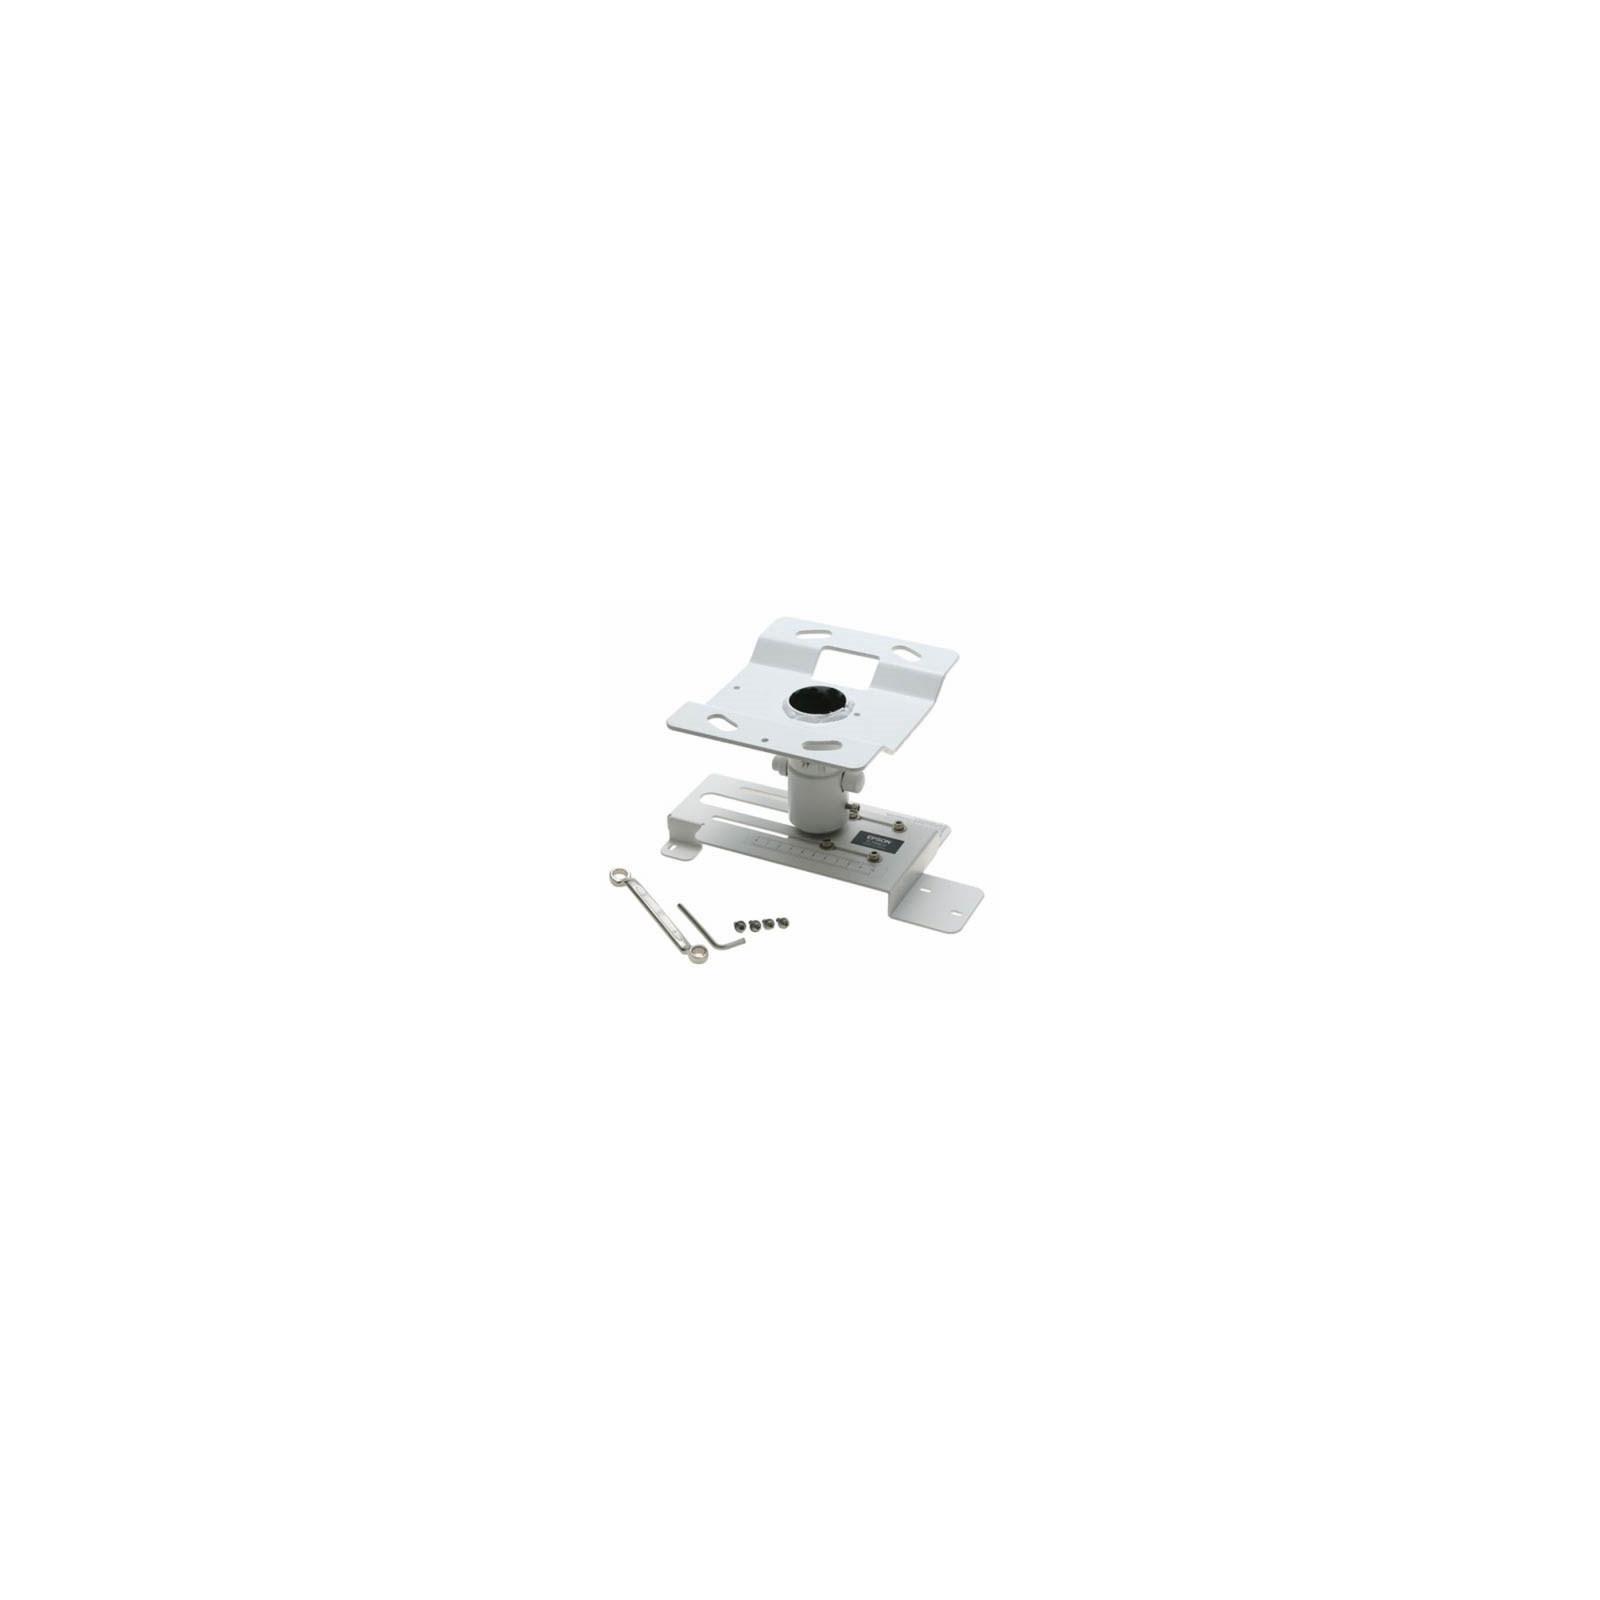 Кронштейн для проектора EPSON ELPMB23 (V12H003B23)